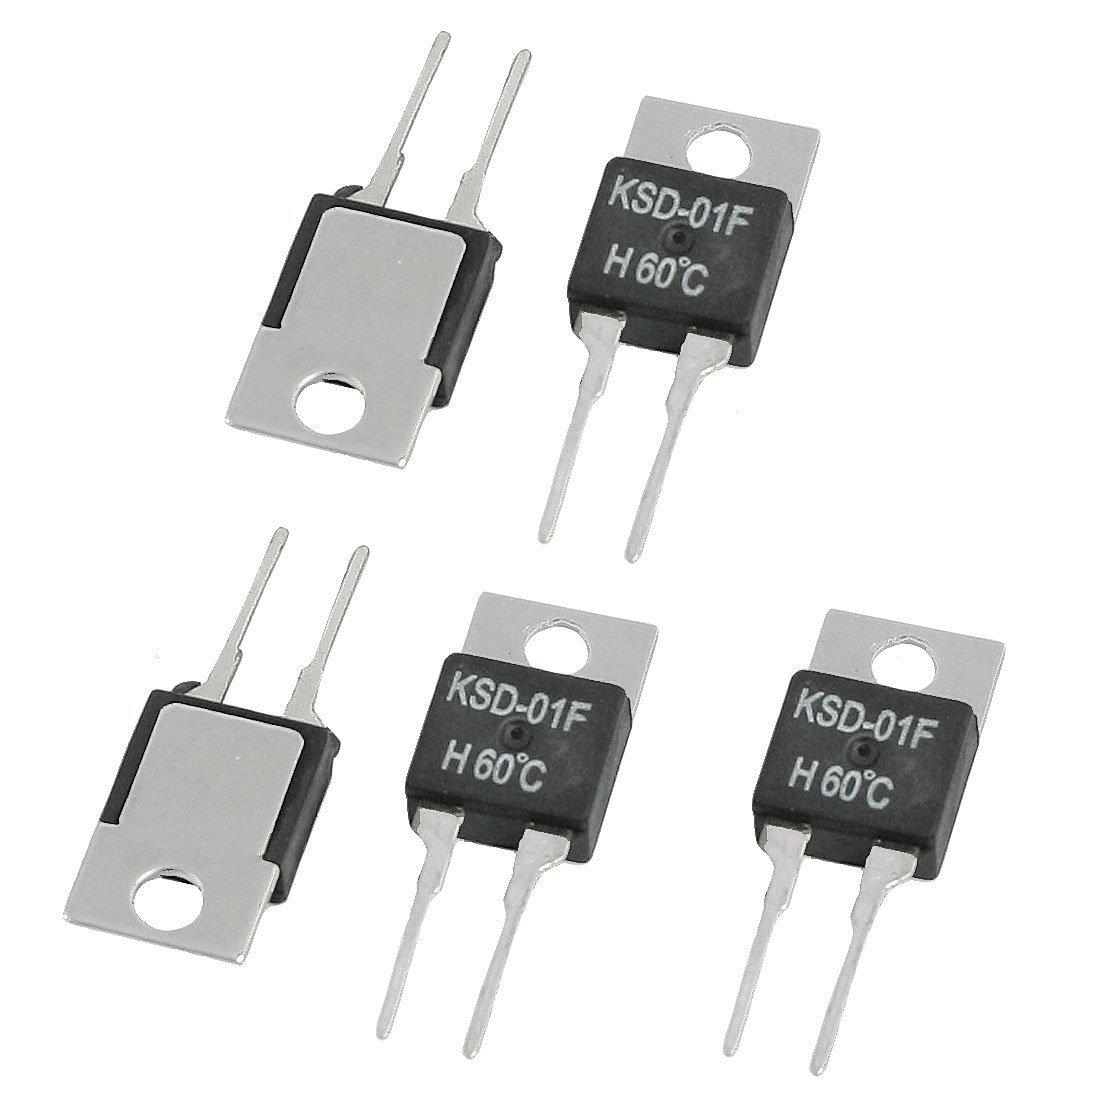 uxcell 5 x KSD-01F Temperature Controller Thermostat 60 Celsius NO 250VAC/ 24VDC 1.5A TRTAXCEEGF8859